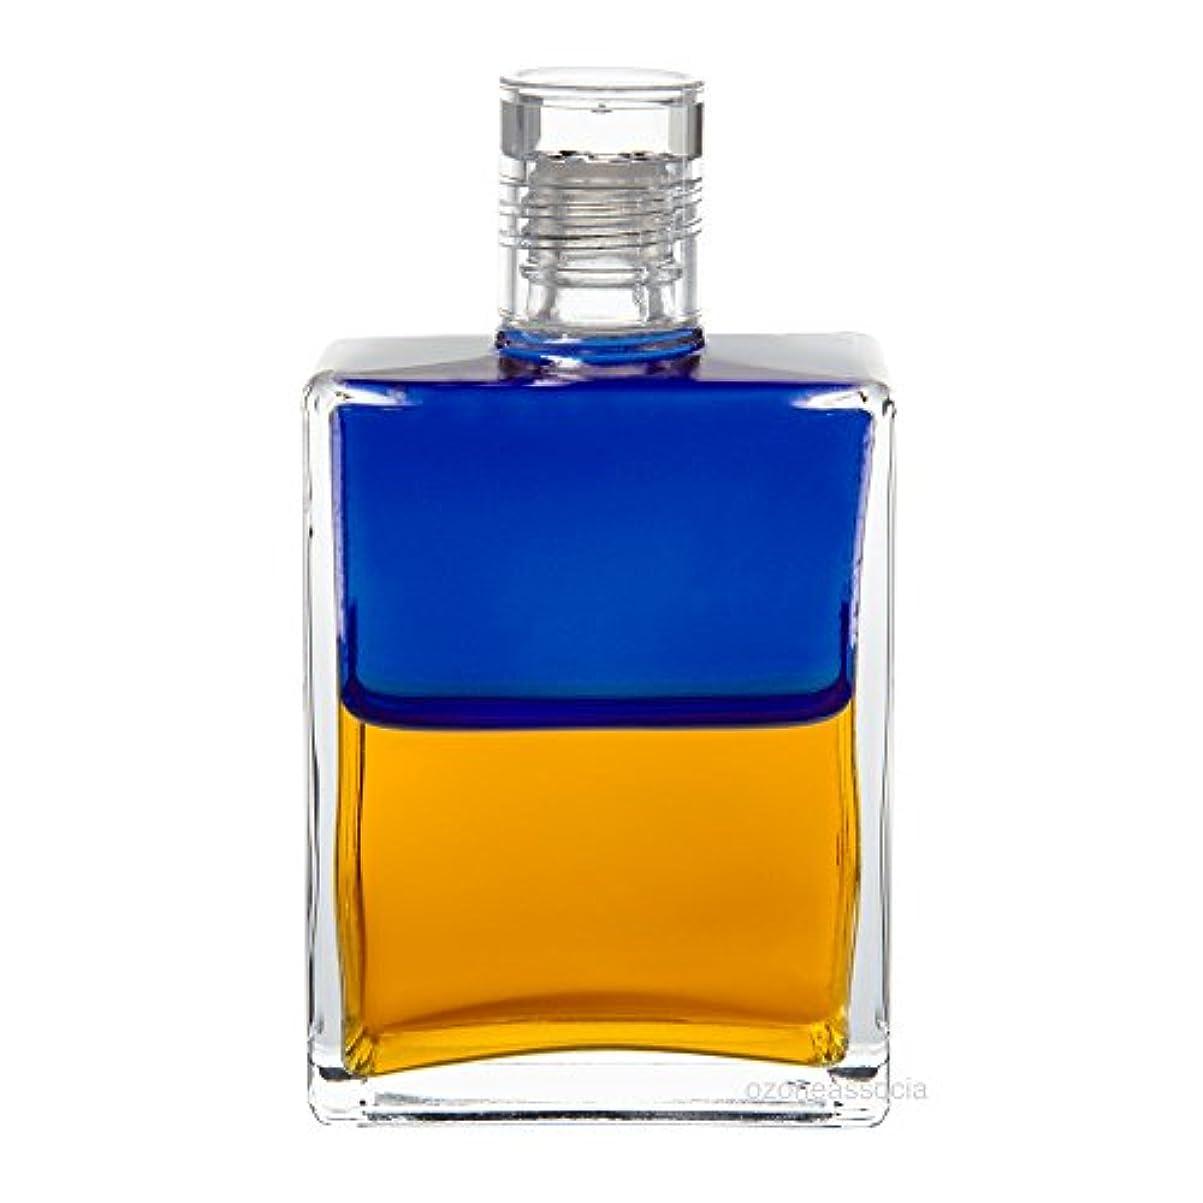 名誉記録注意オーラソーマ ボトル 32番  ソフィア (ロイヤルブルー/ゴールド) イクイリブリアムボトル50ml Aurasoma